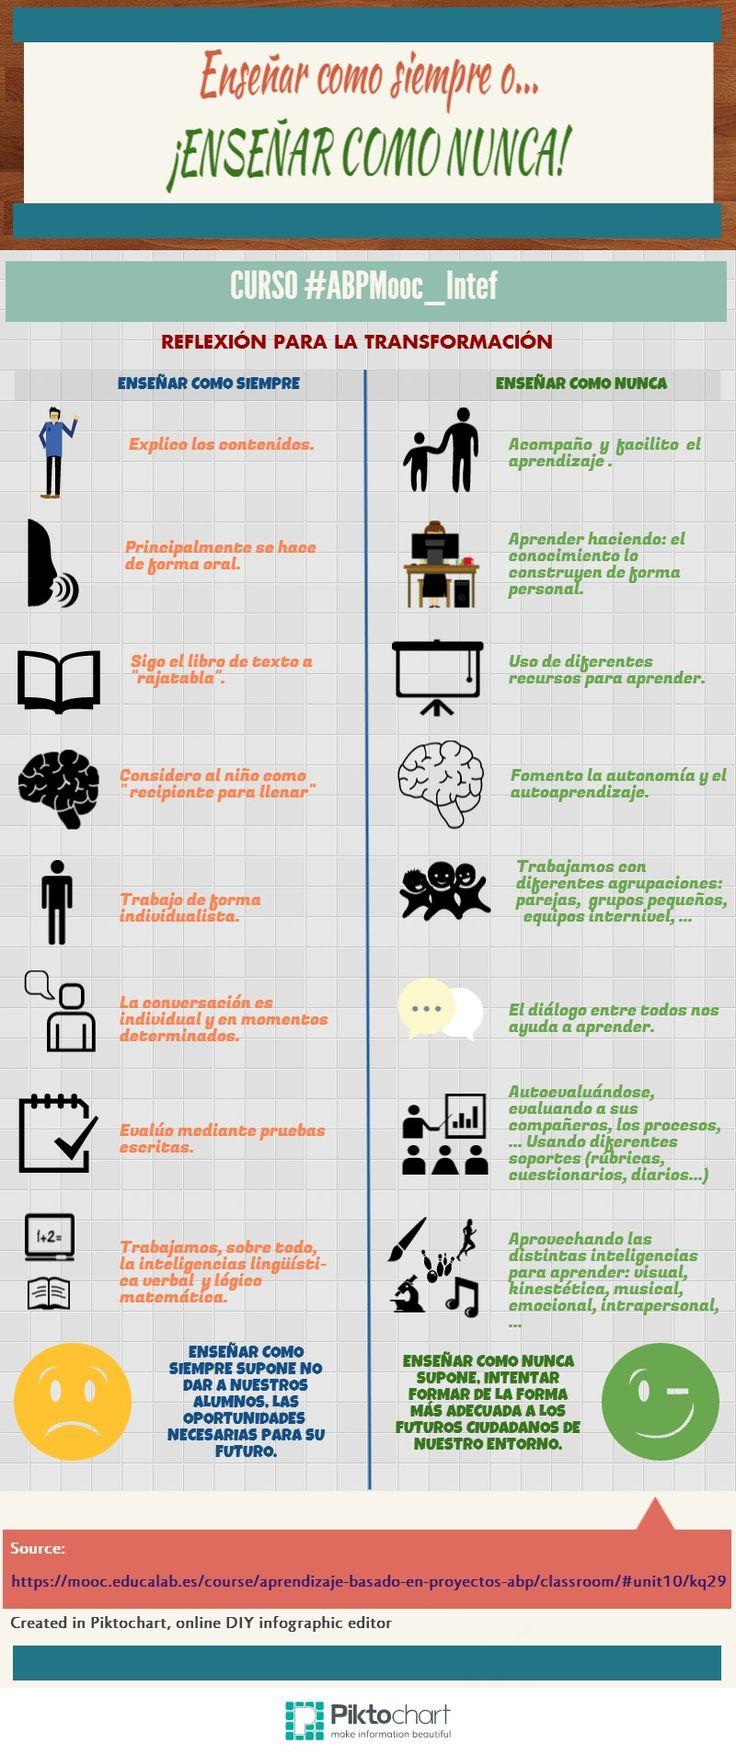 ENSEÑAR COMO SIEMPRE &ENSEÑAR COMO NUNCA | Piktochart Infographic Editor